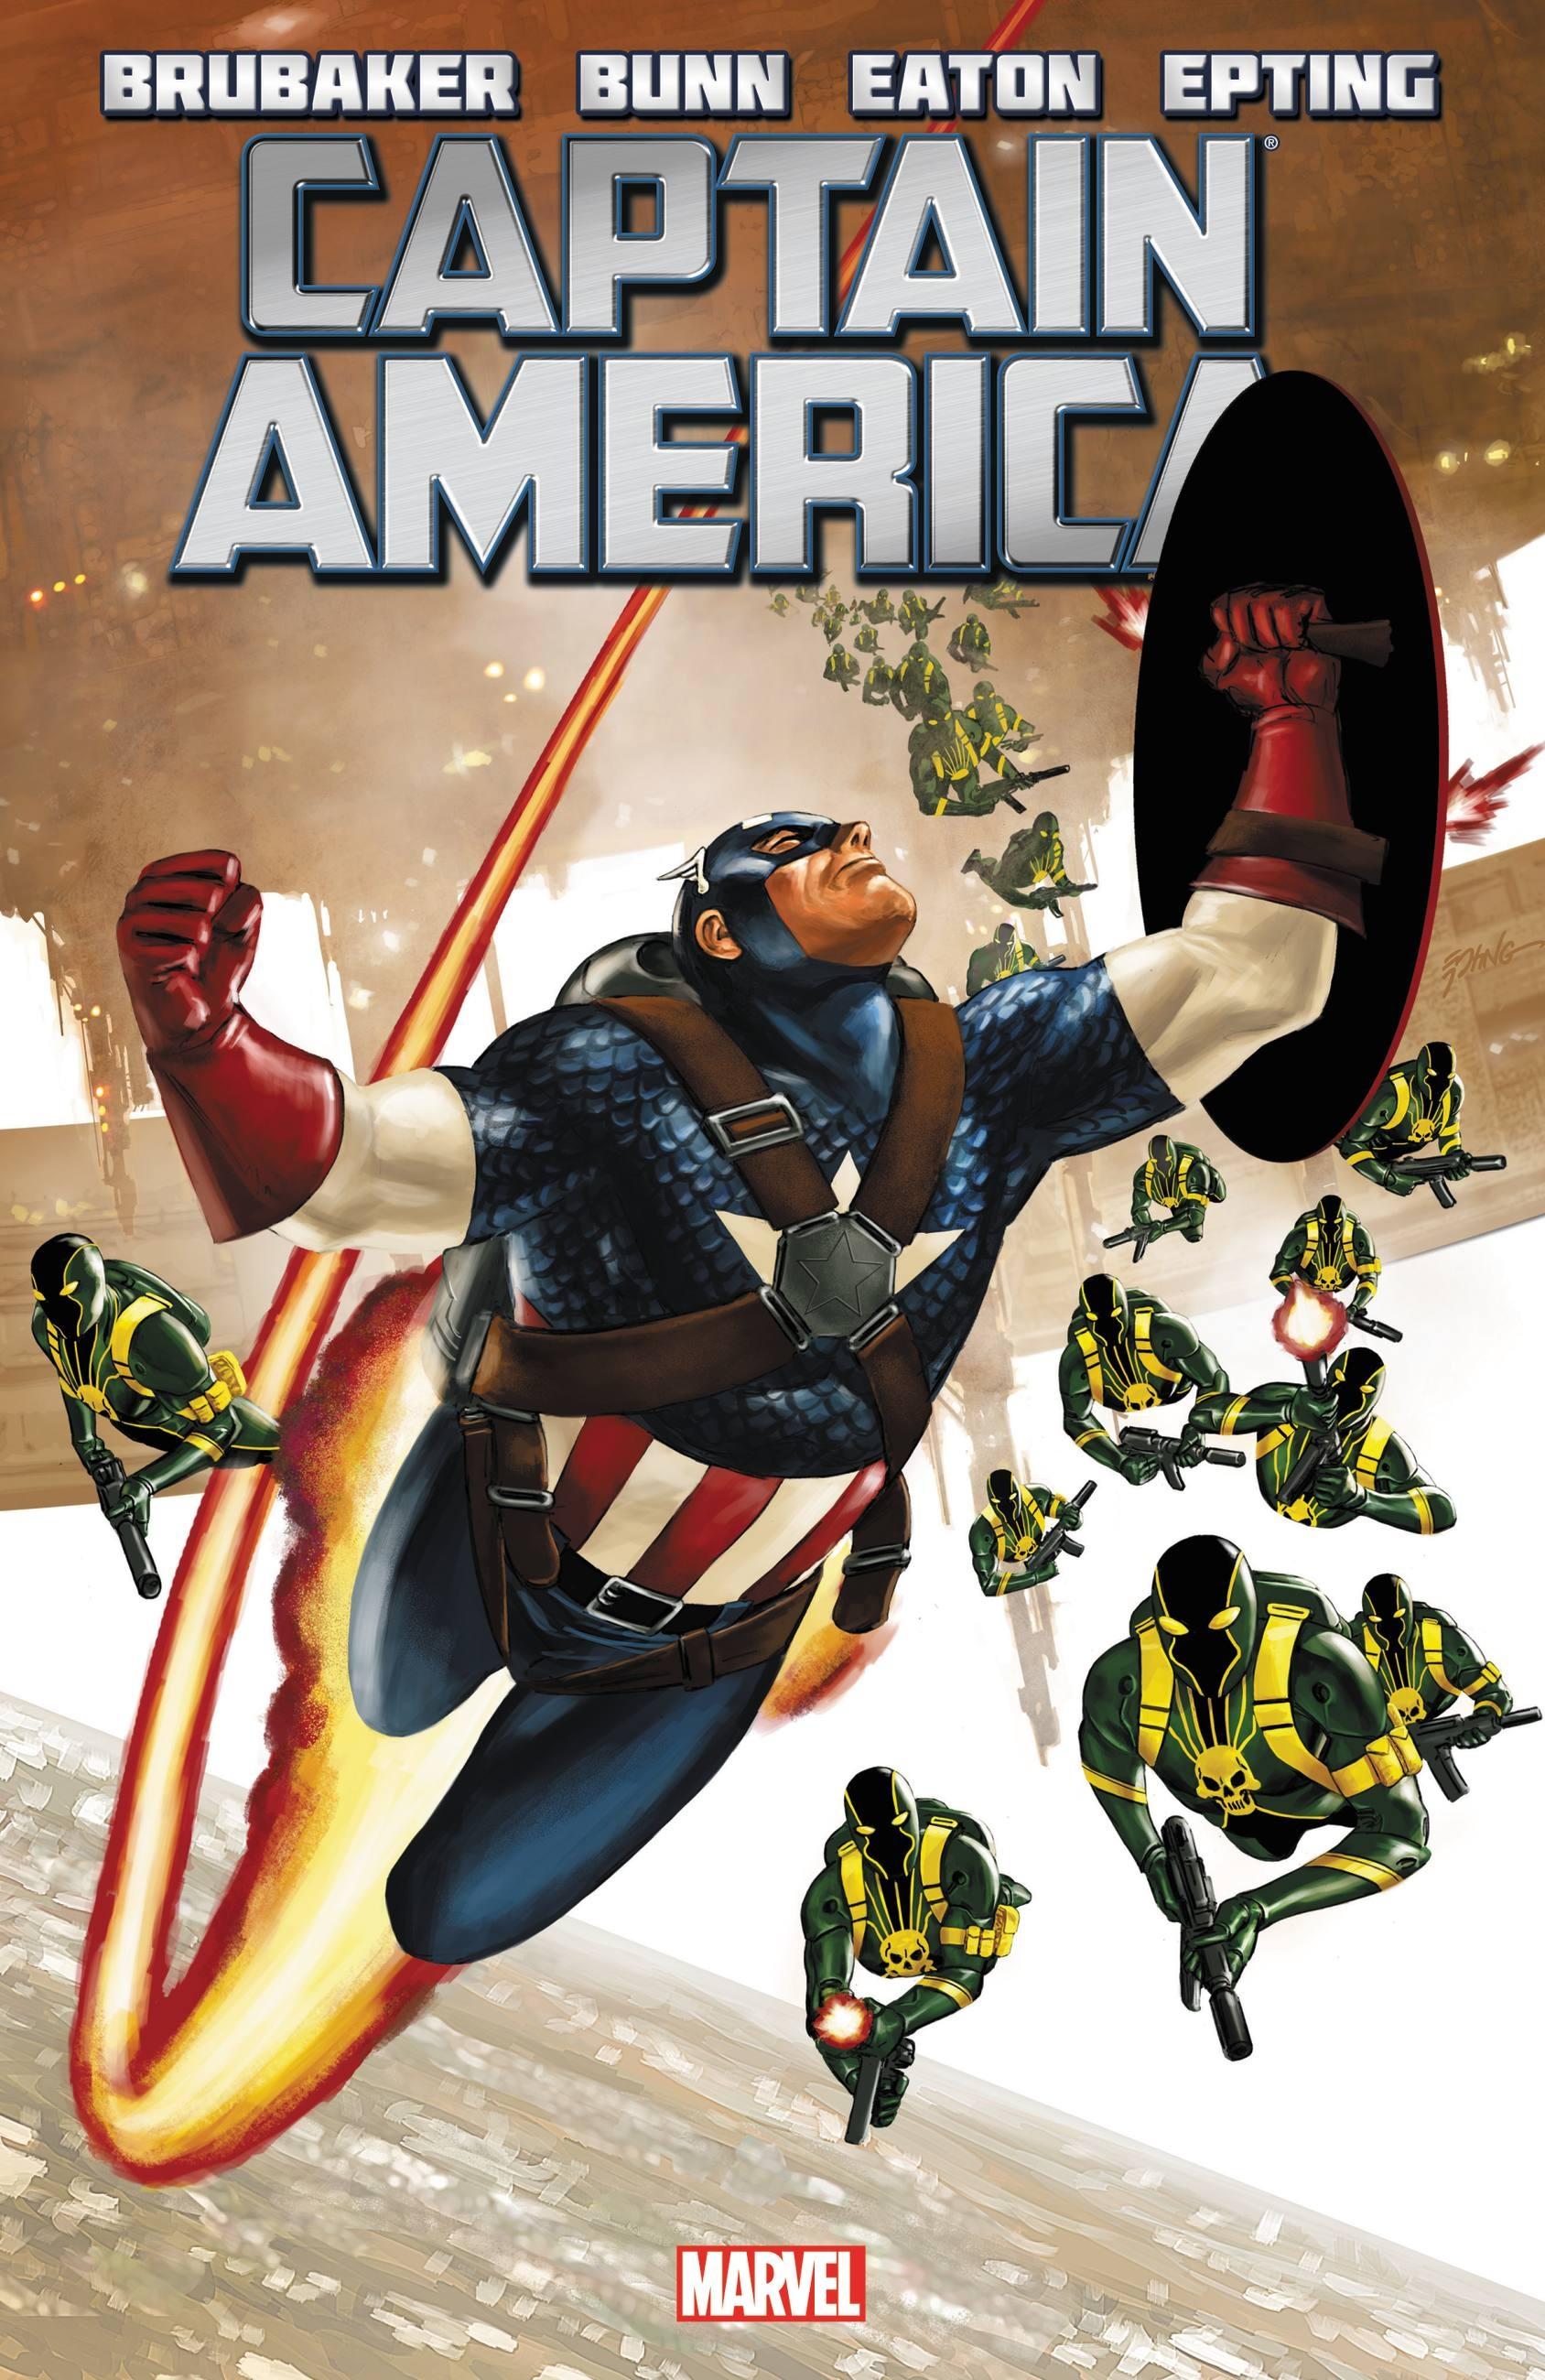 Captain America by Ed Brubaker - Volume 4 captain america by dan jurgens volume 3